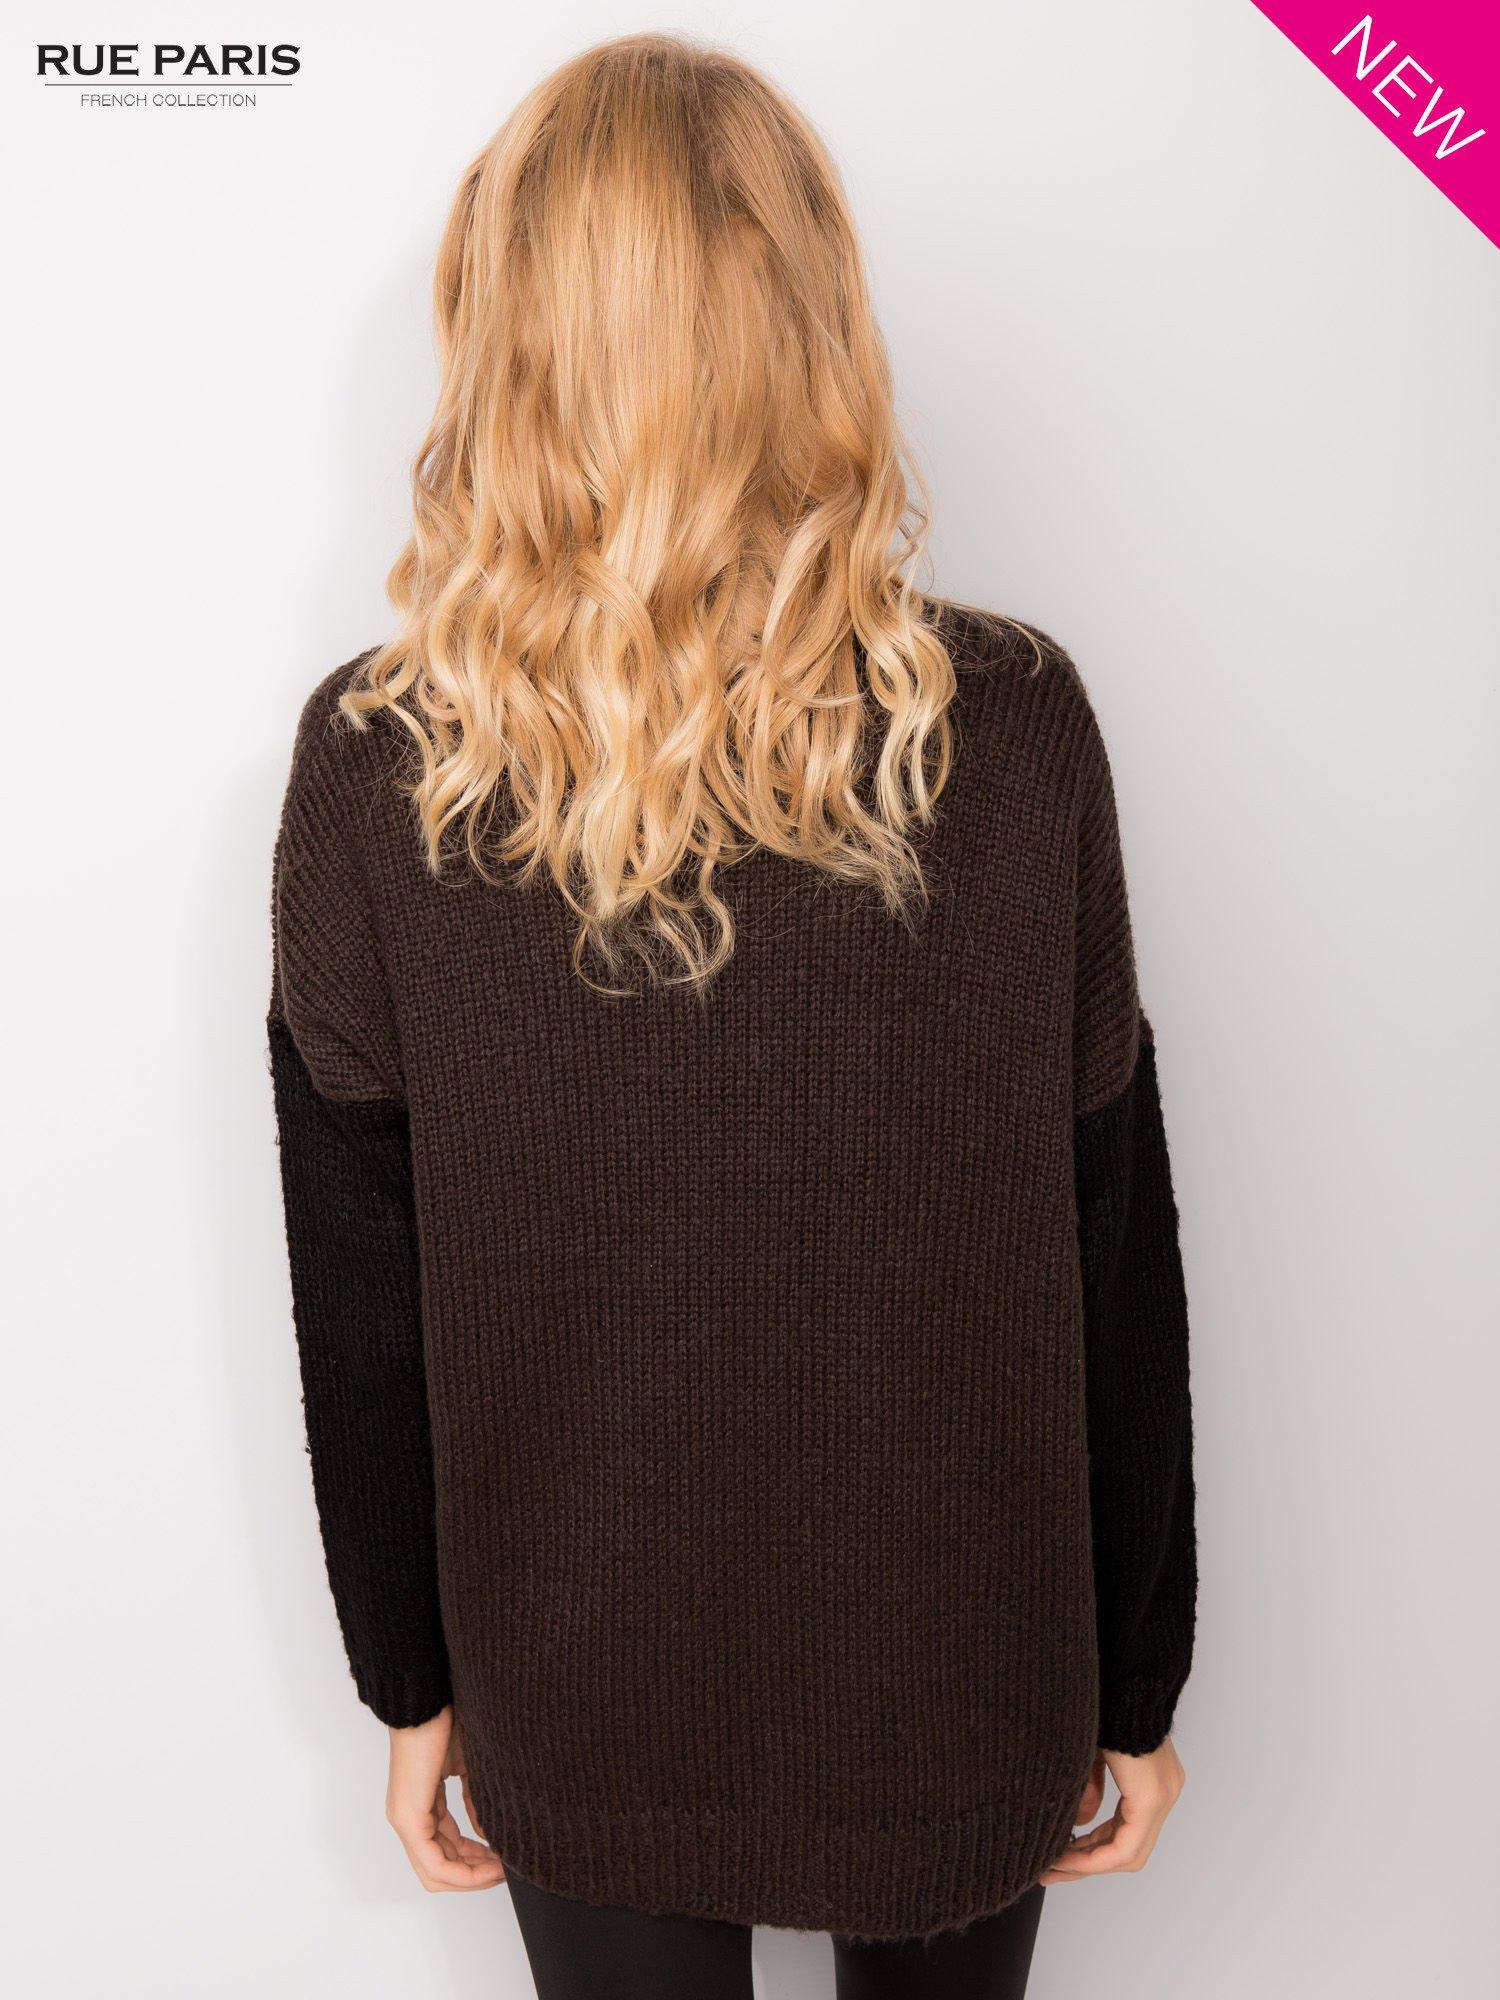 Ciemnobrązowy sweter z kontrastowym pasem i rękawami                                  zdj.                                  4